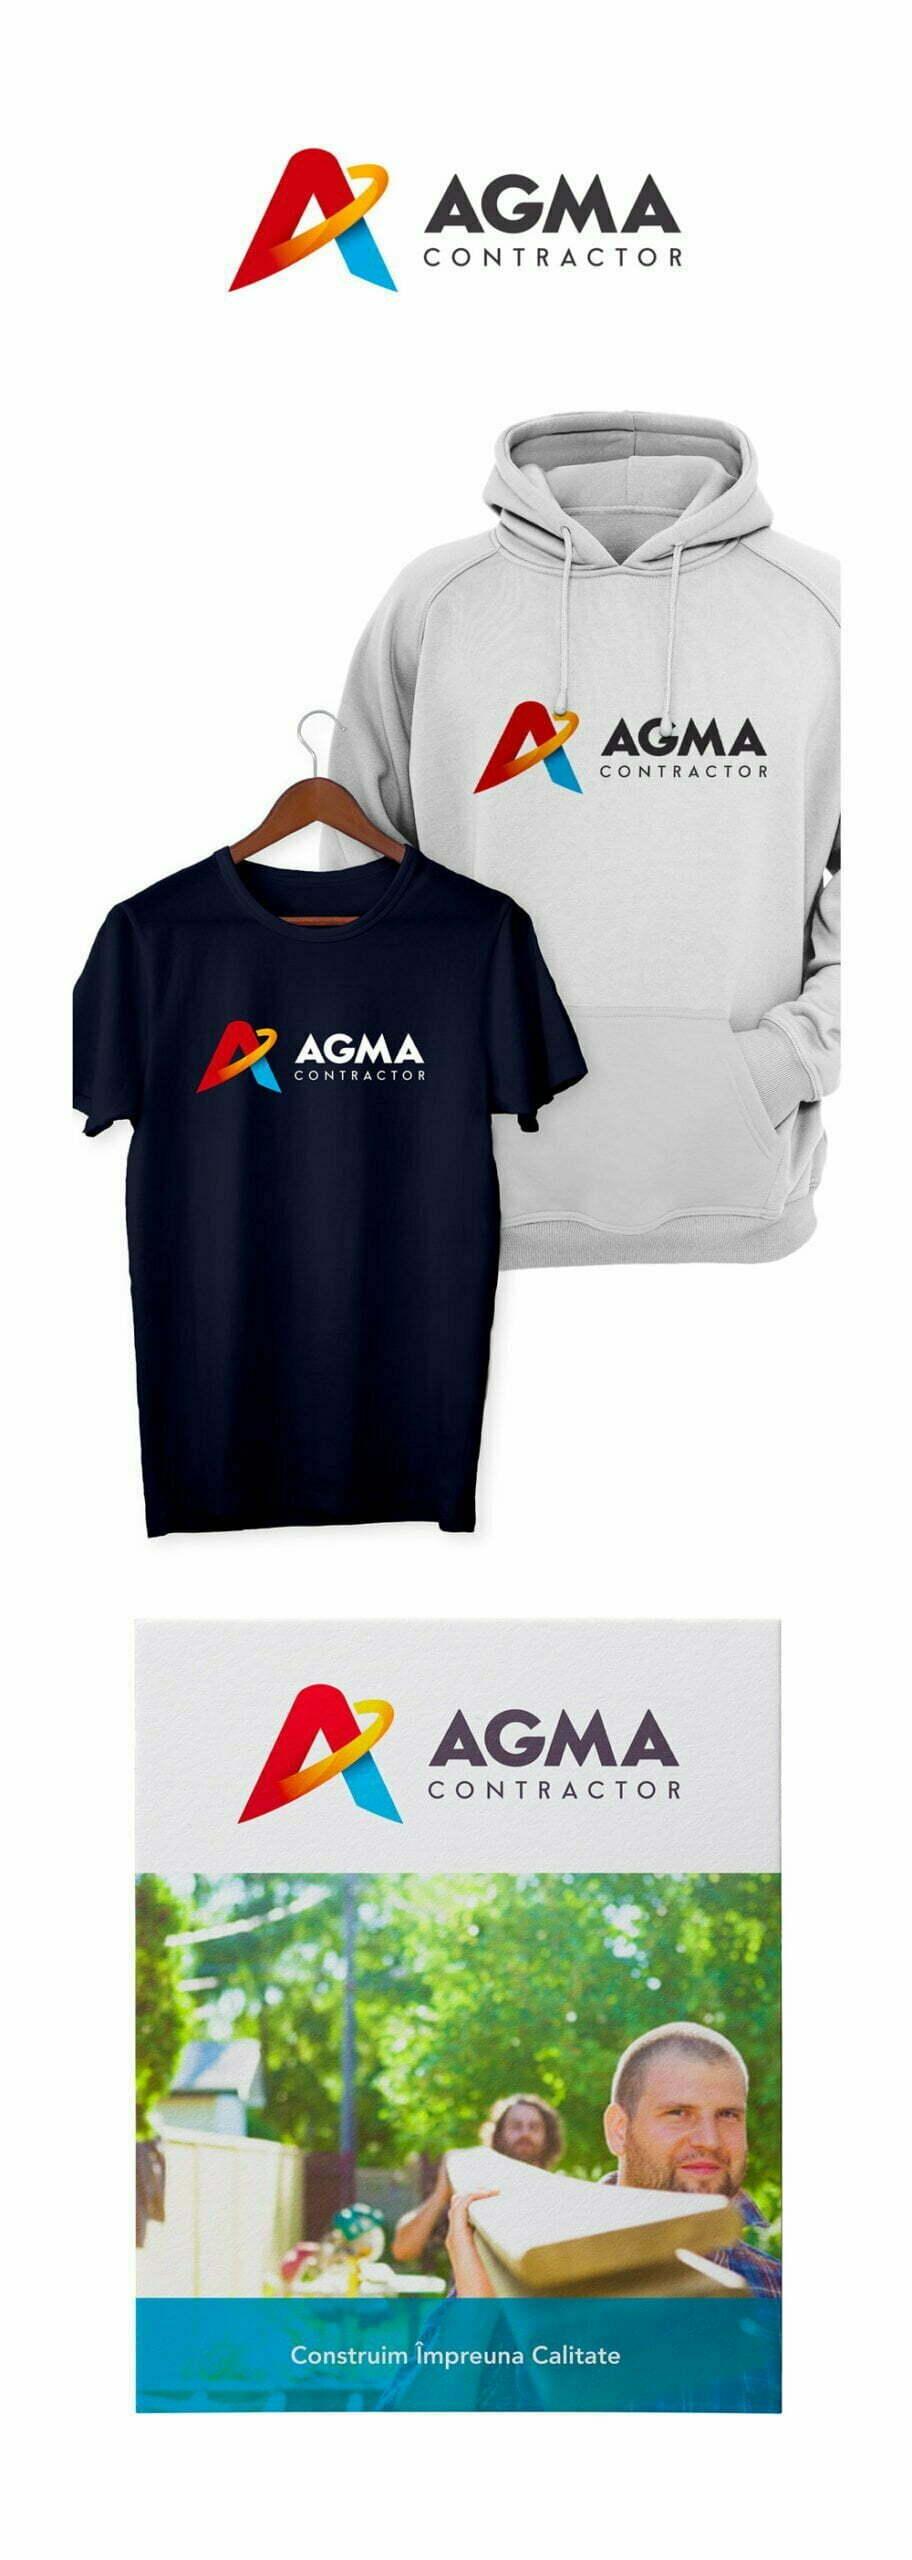 agma logo